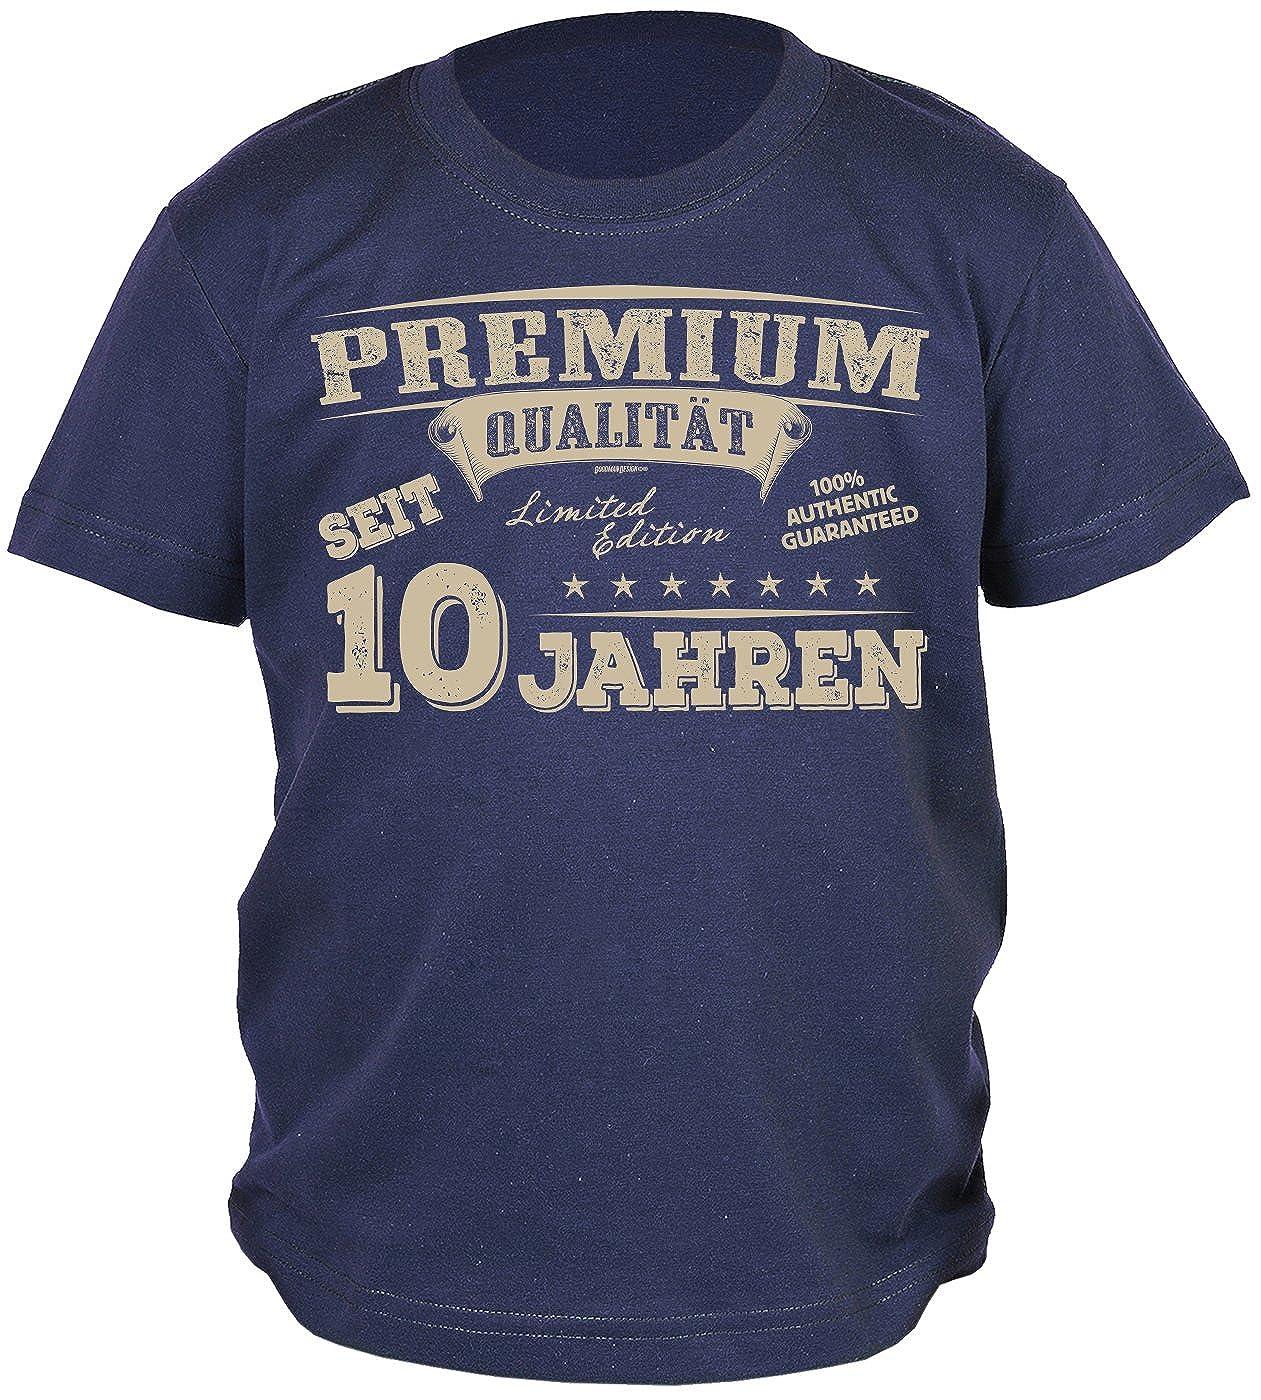 10.Geburtstag Sprüche T-Shirt Kindergeburtstag Junge : Premium Qualität Seit 10 Jahren - Kindershirt 10 Geburtstag DEKO 10 Jahre